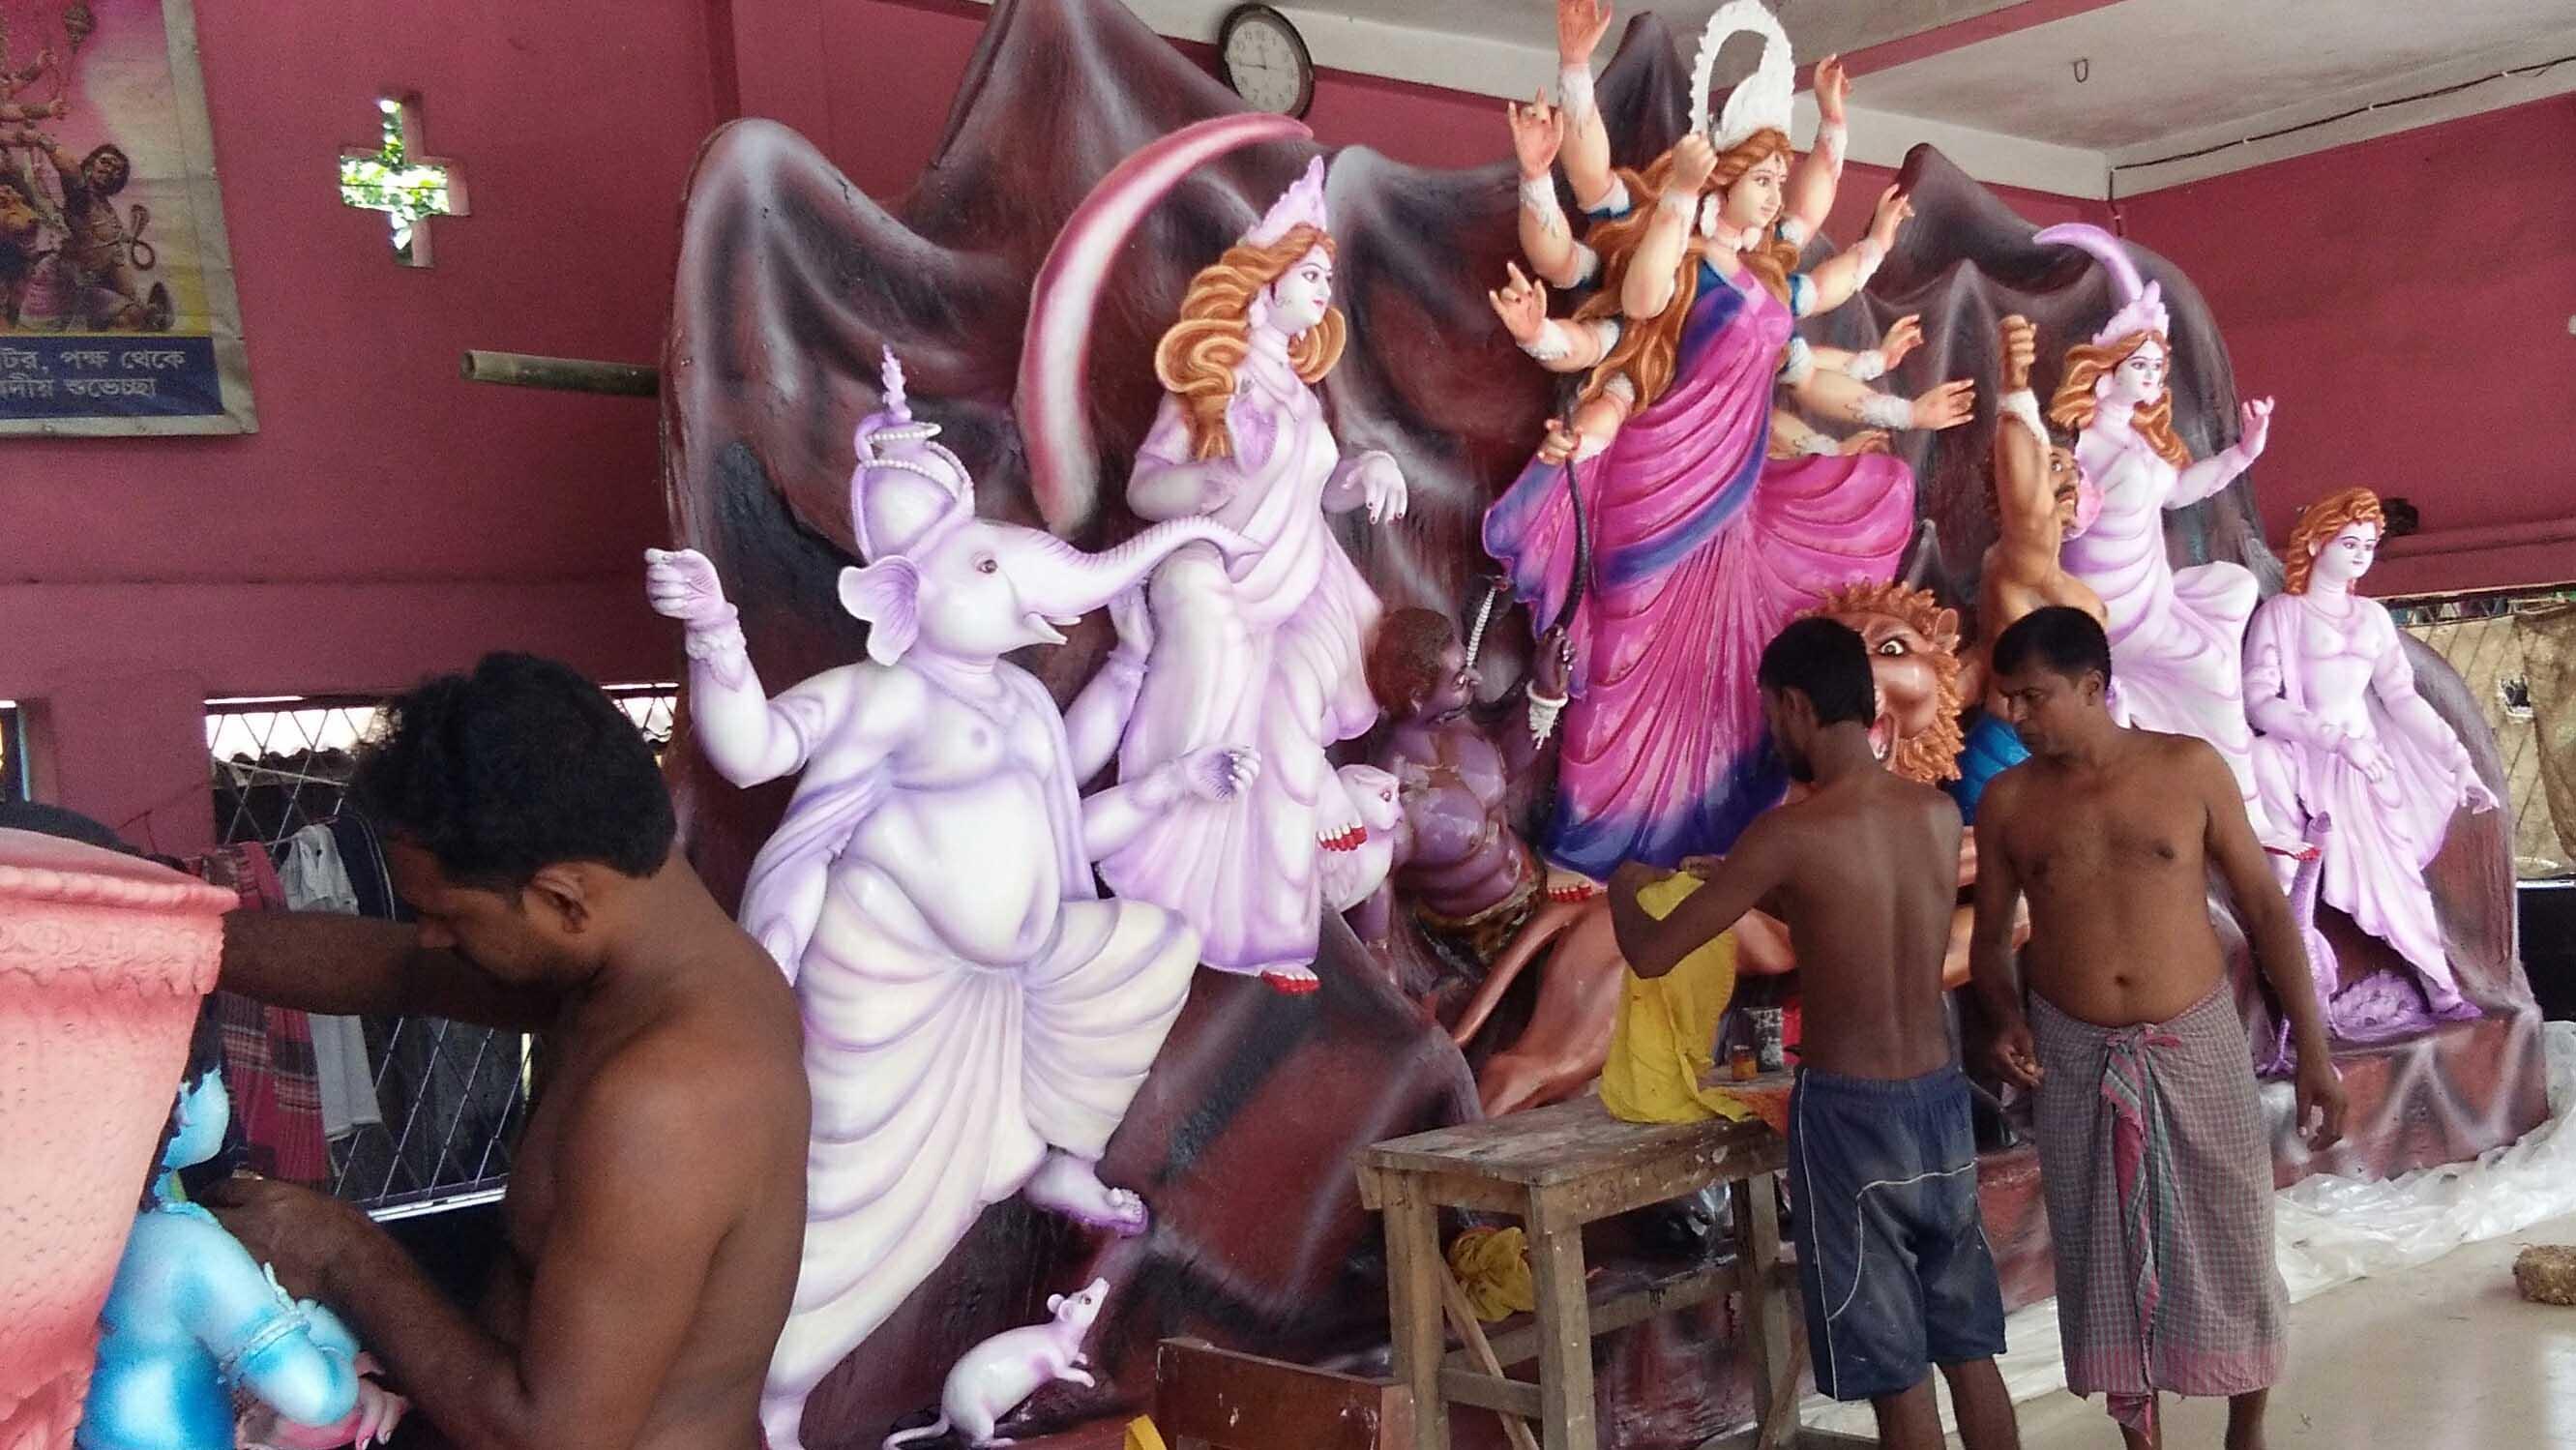 তালায় ১৭৫টি পূজা মন্ডপে হবে শারদীয় দুর্গাপূজা